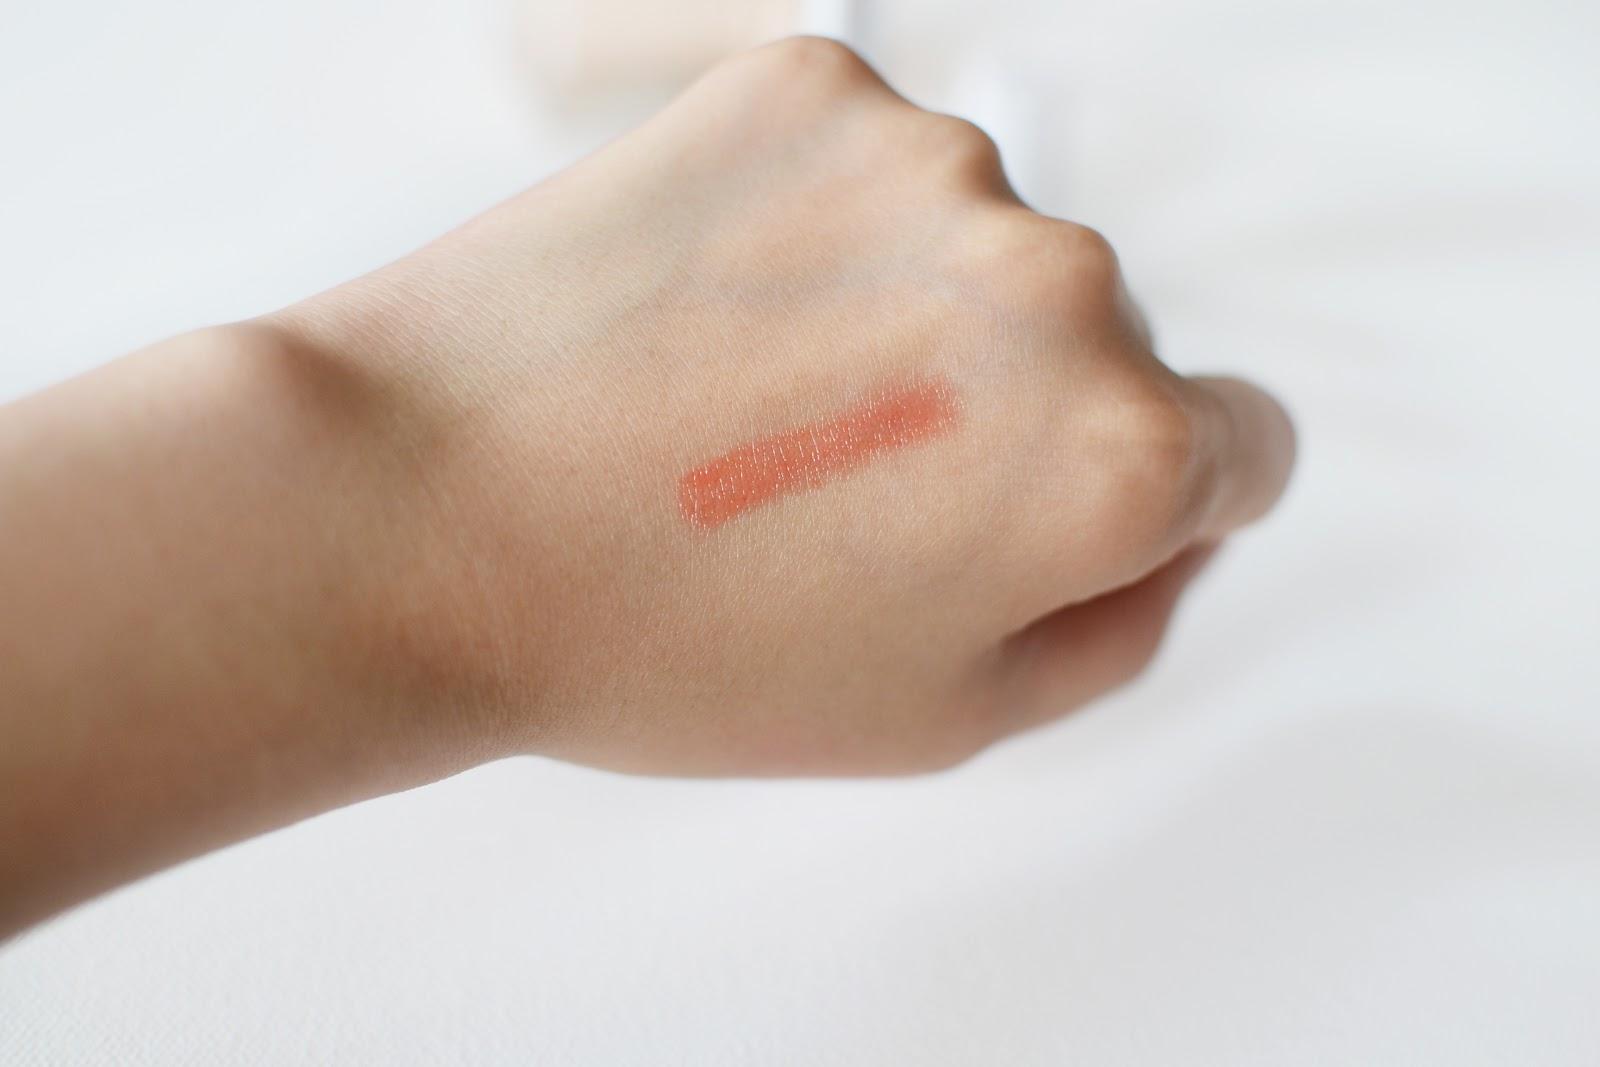 lancome shine lover lipstick in amuse bouche swatch